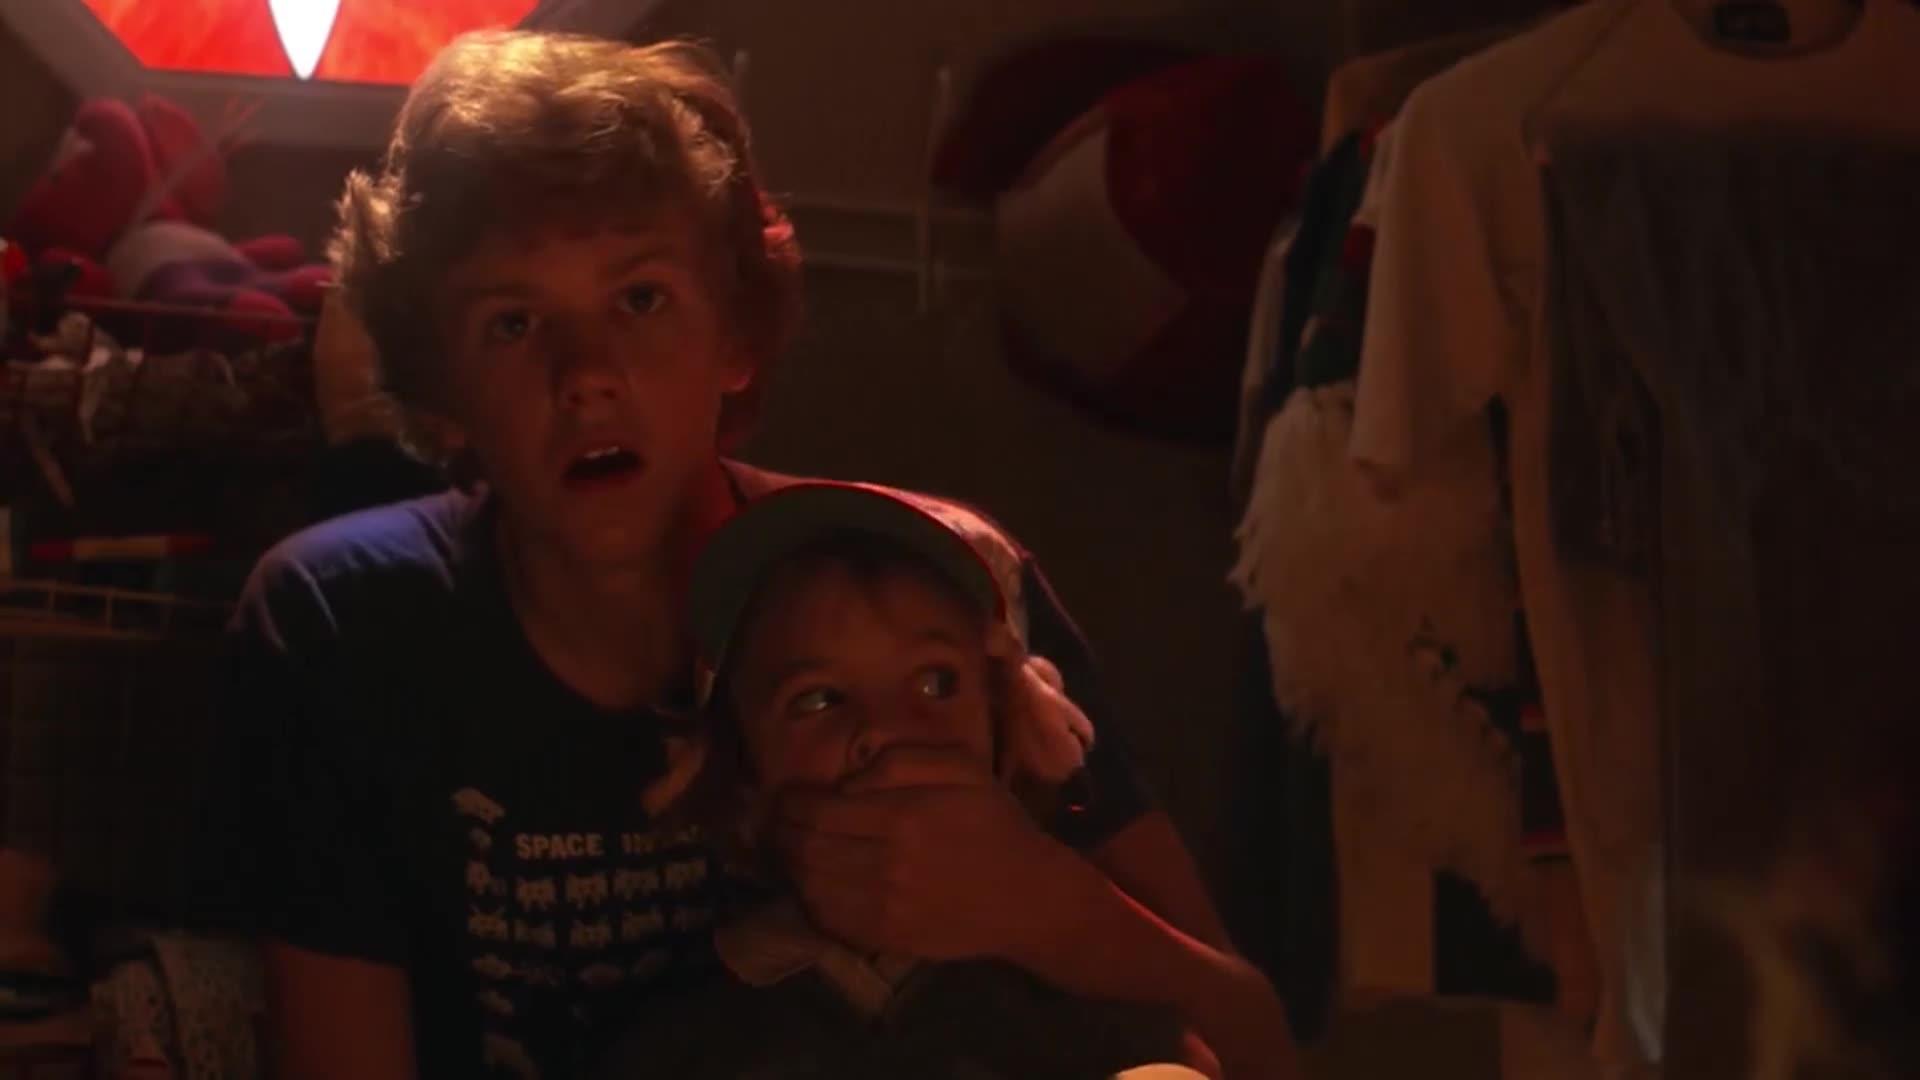 男孩给哥哥看外星人,不料妹妹闯了进来,一抬头吓坏了